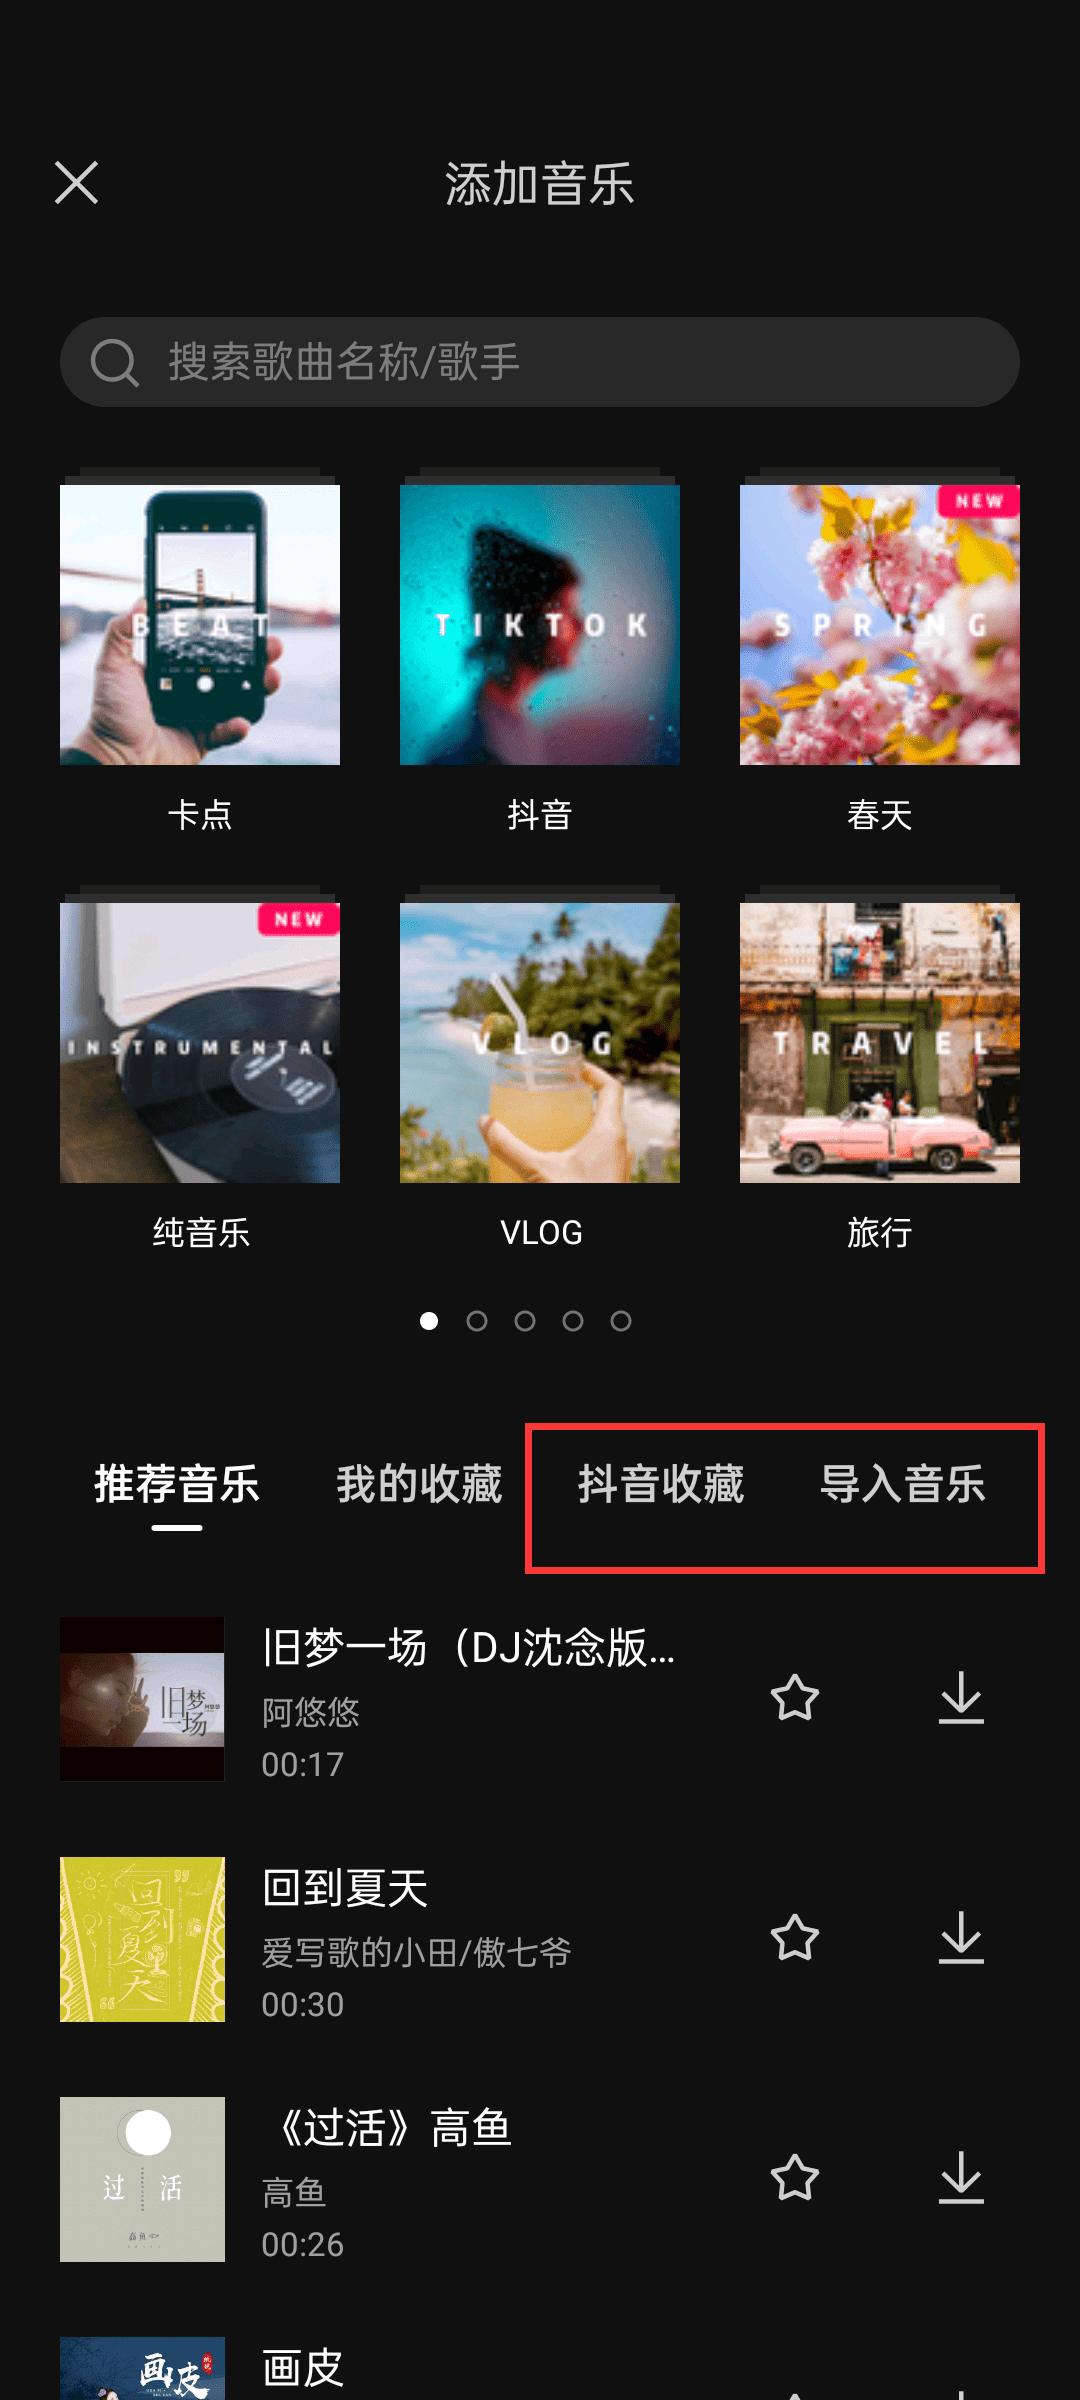 天顺平台开户-首页【1.1.3】  第9张